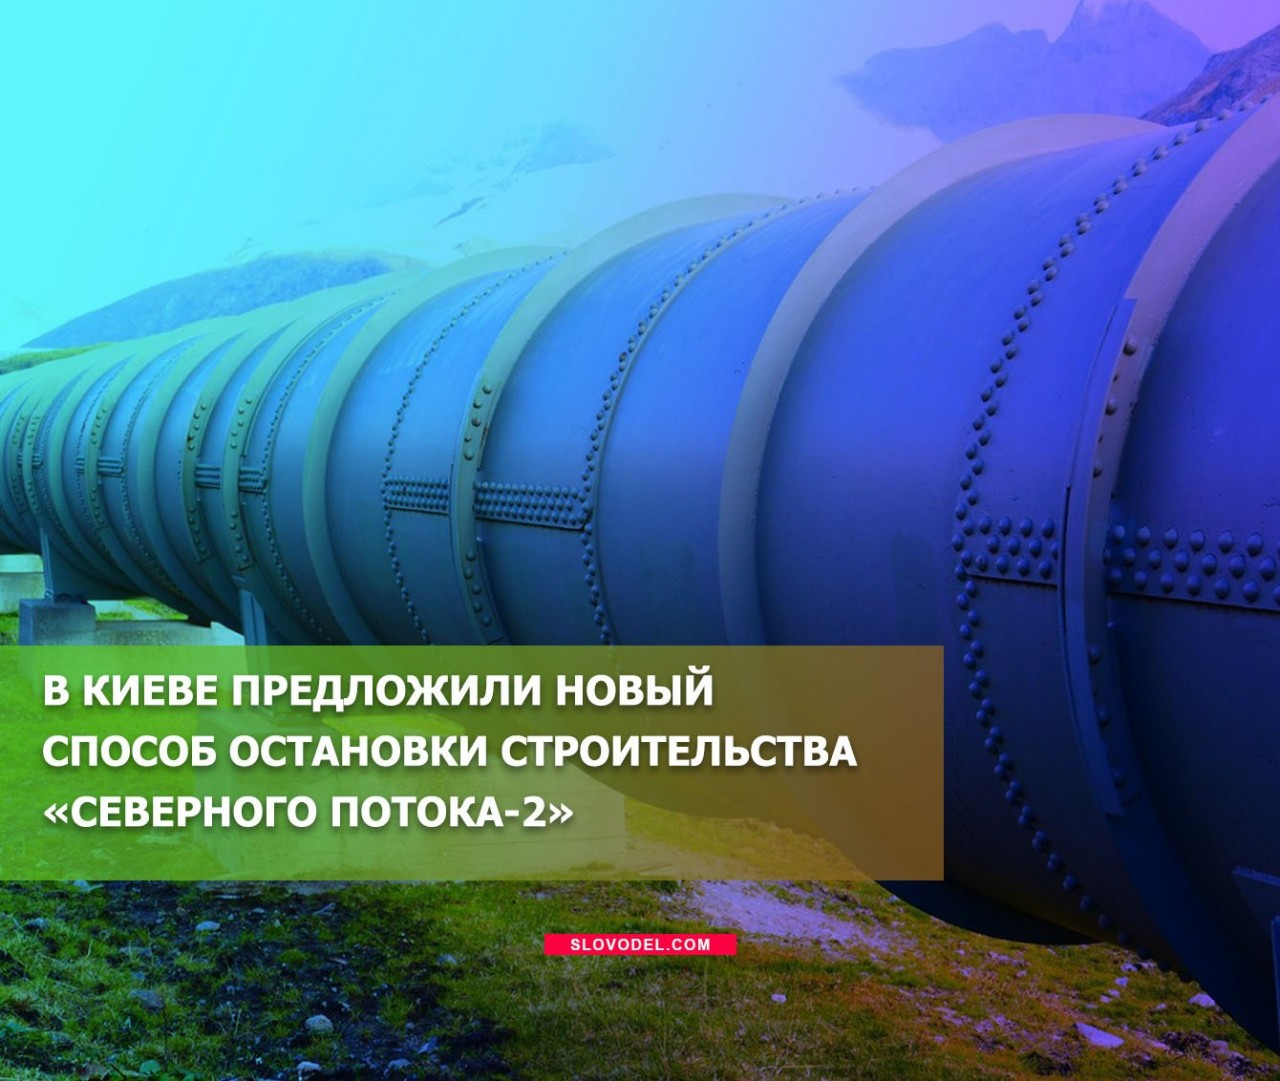 В Киеве предложили новый способ остановки строительства «Северного потока-2»